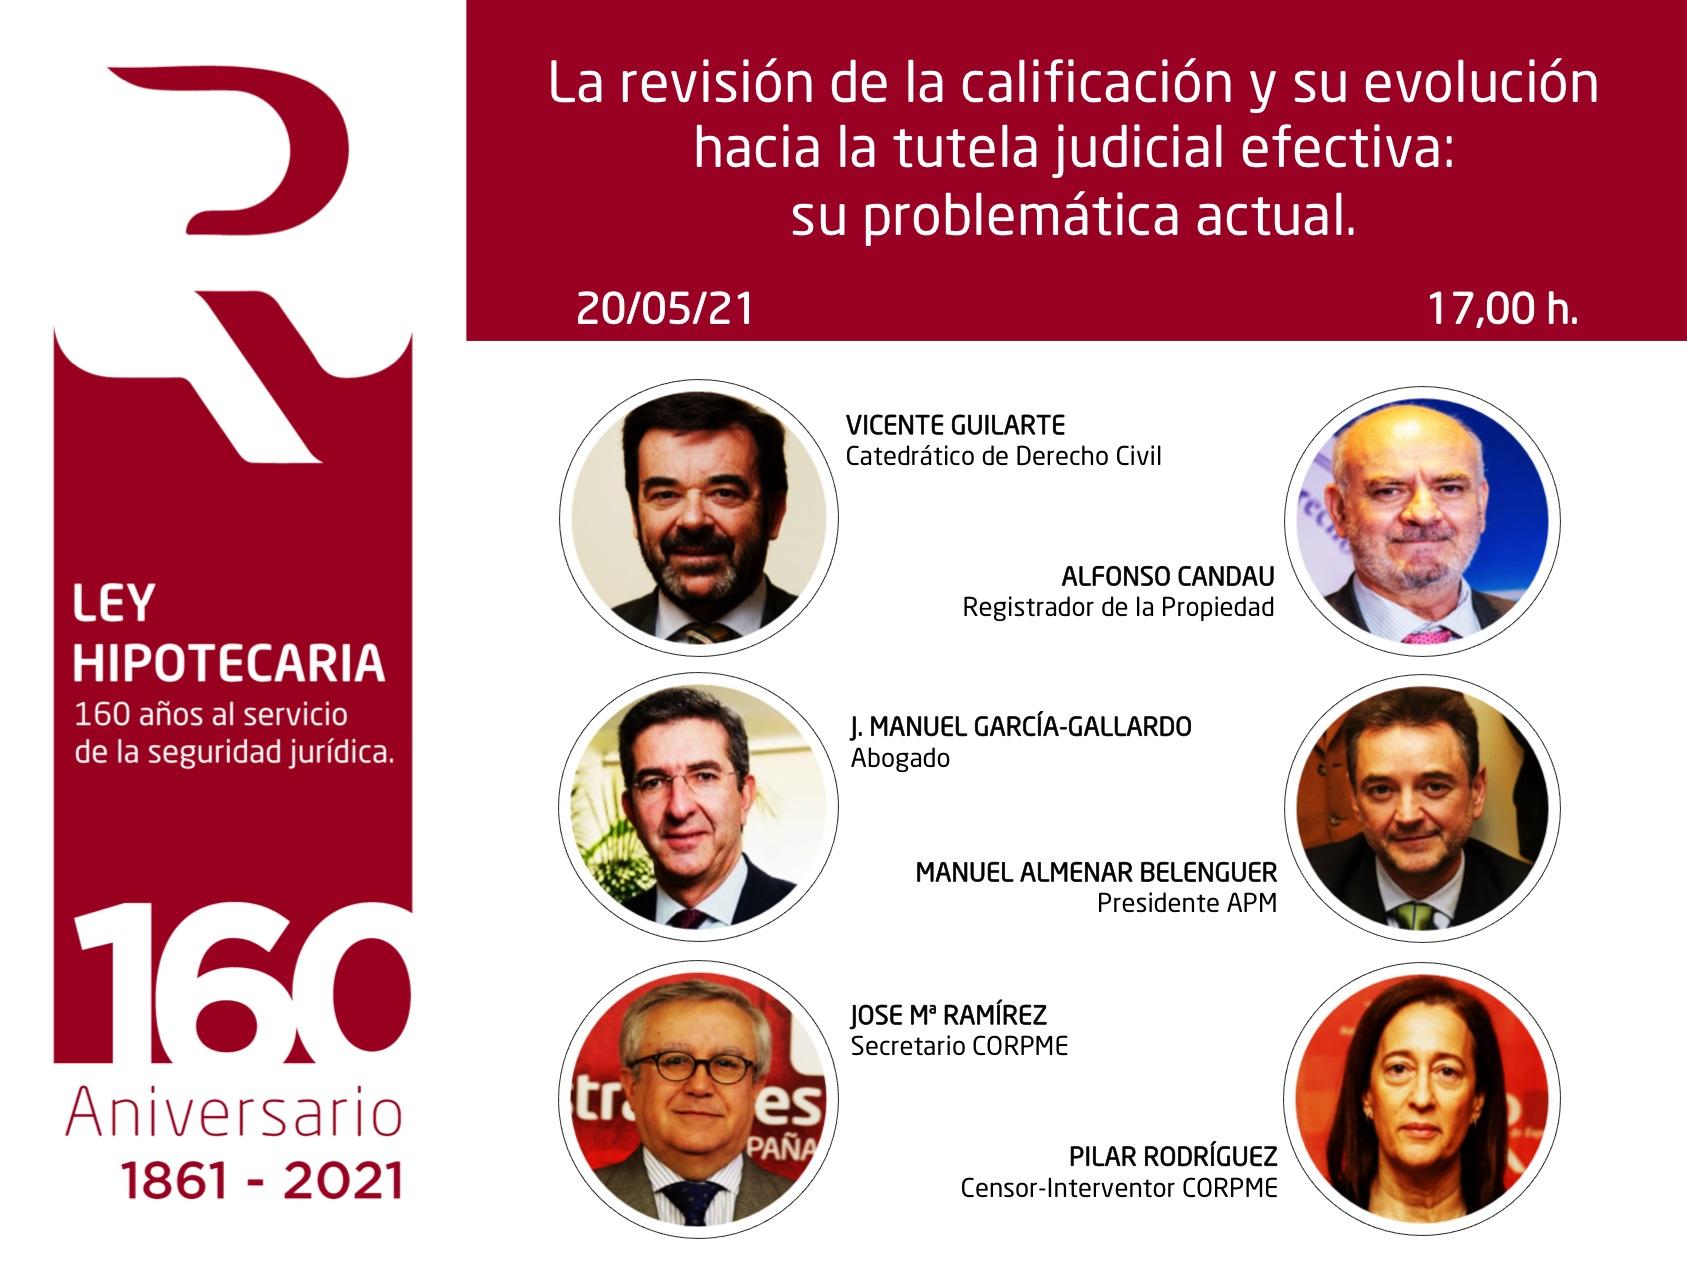 Webinar «La revisión de la calificación y su evolución hacia la tutela judicial efectiva: Su problemática actual»